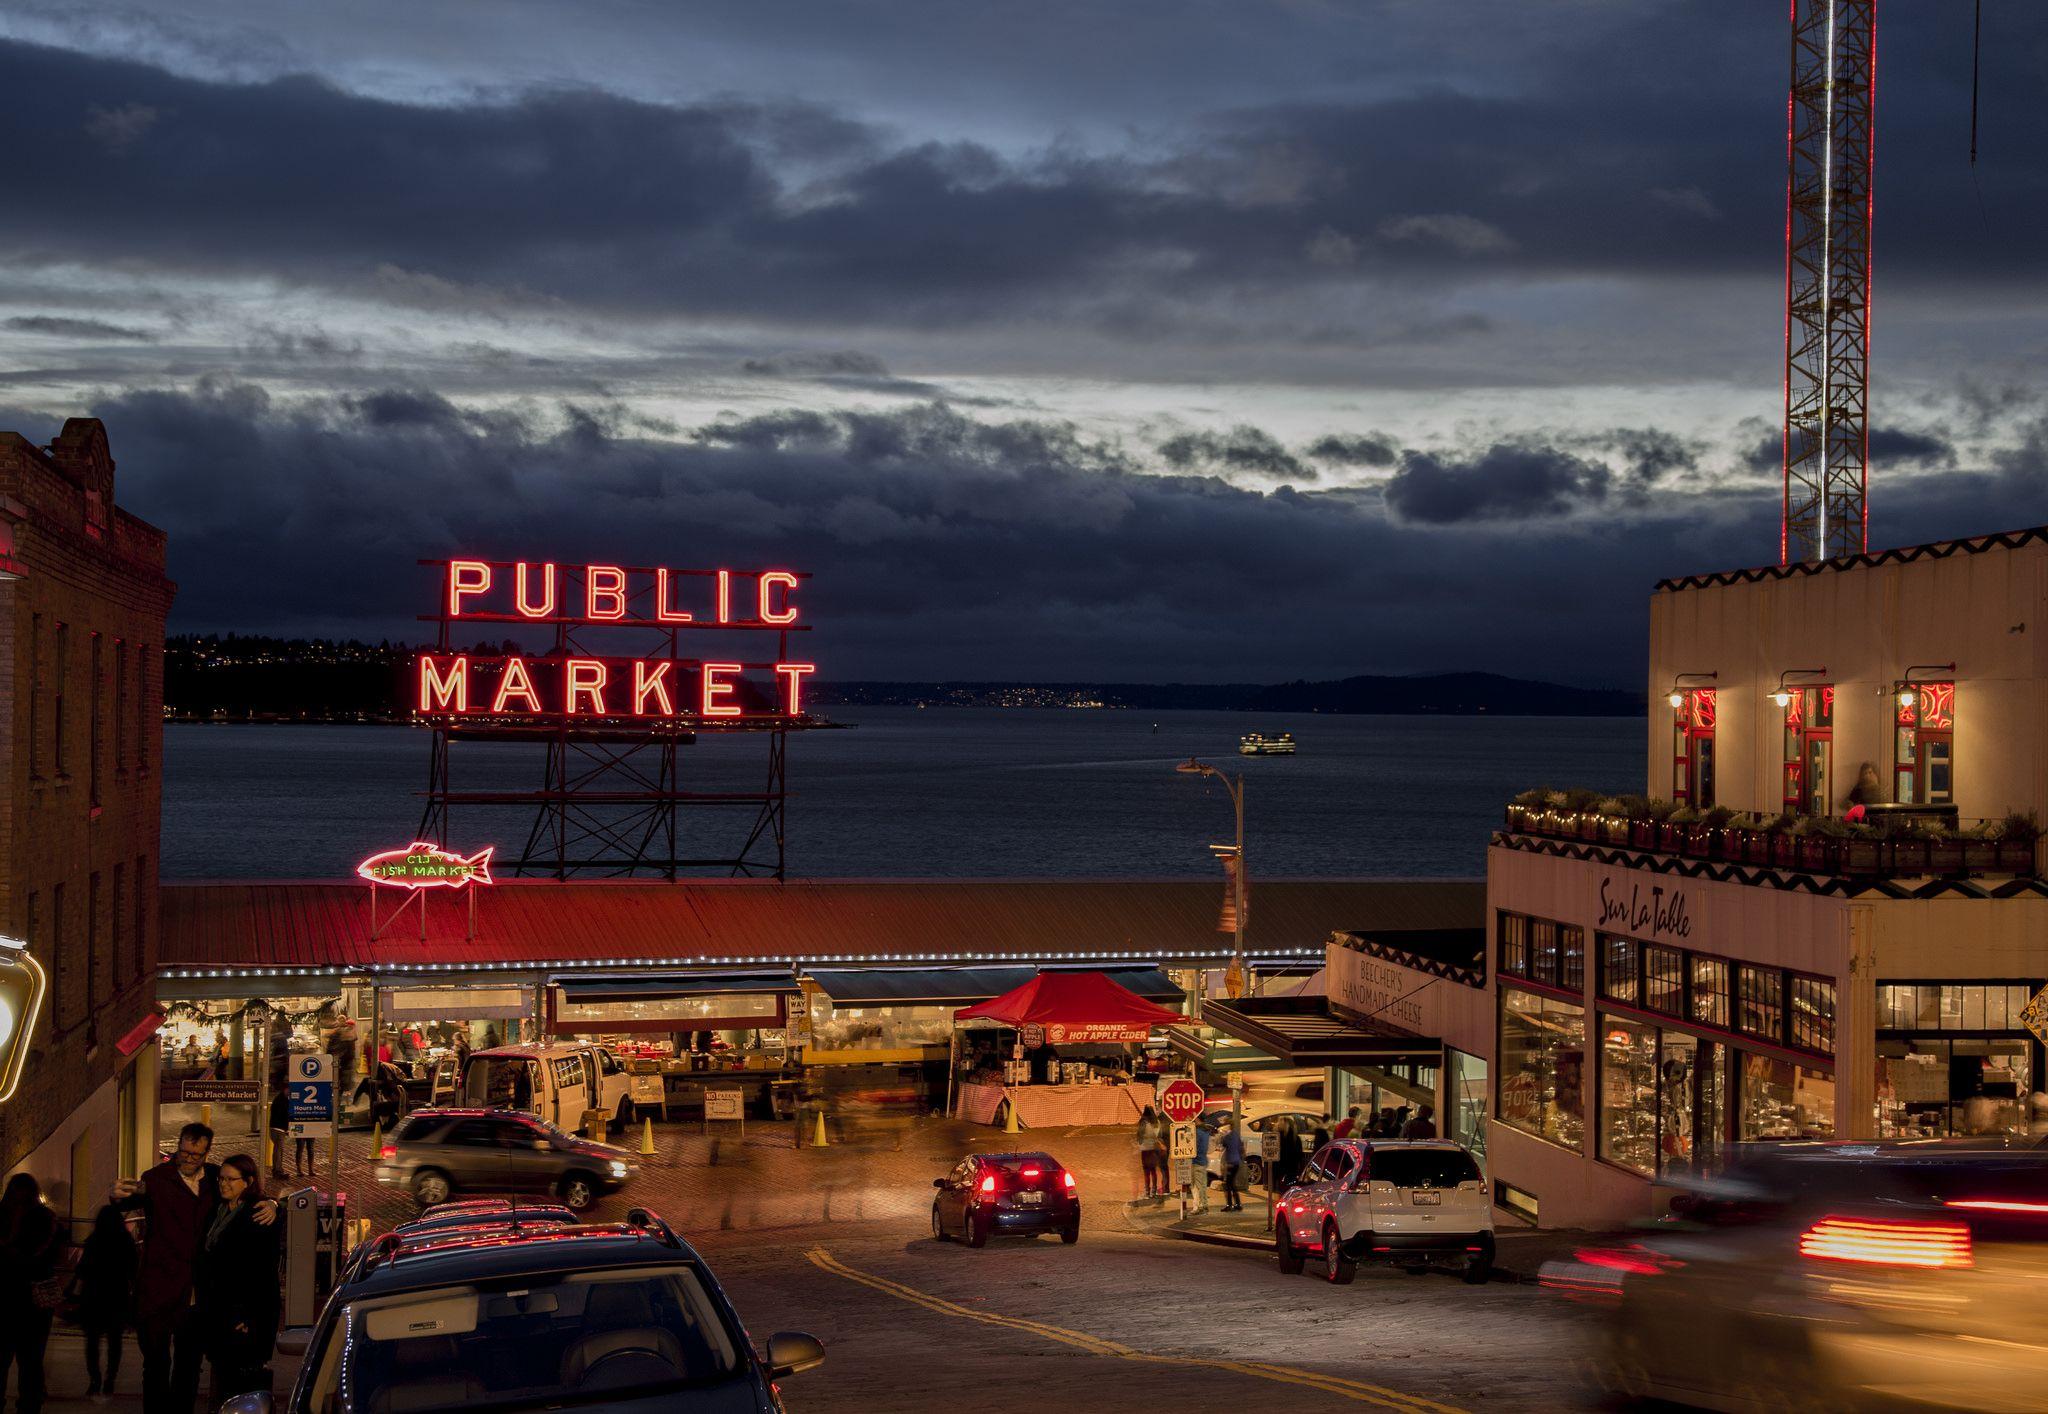 Outdoor Market in Seattle http//ift.tt/2we5Ftx Outdoor